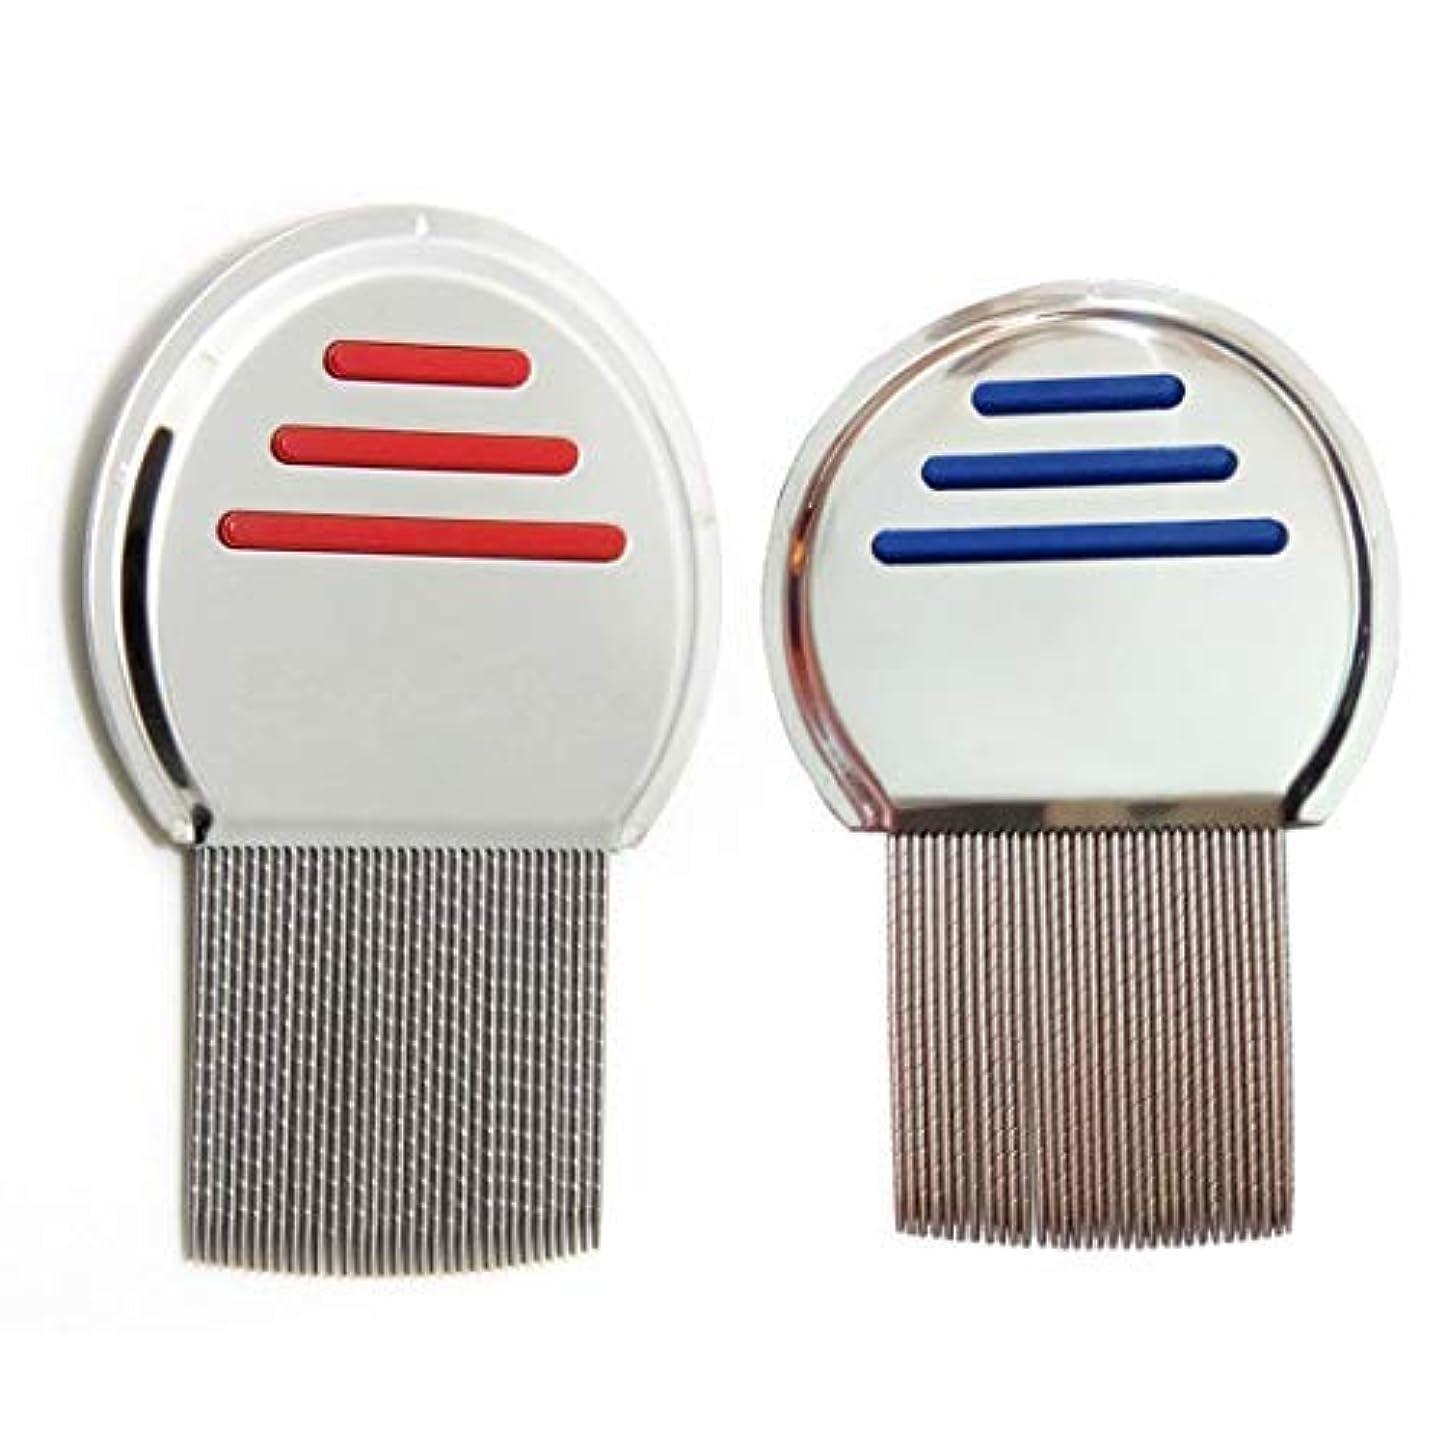 音節トラック批評2 Pcs Stainless Steel Lice Dandruff Comb [並行輸入品]